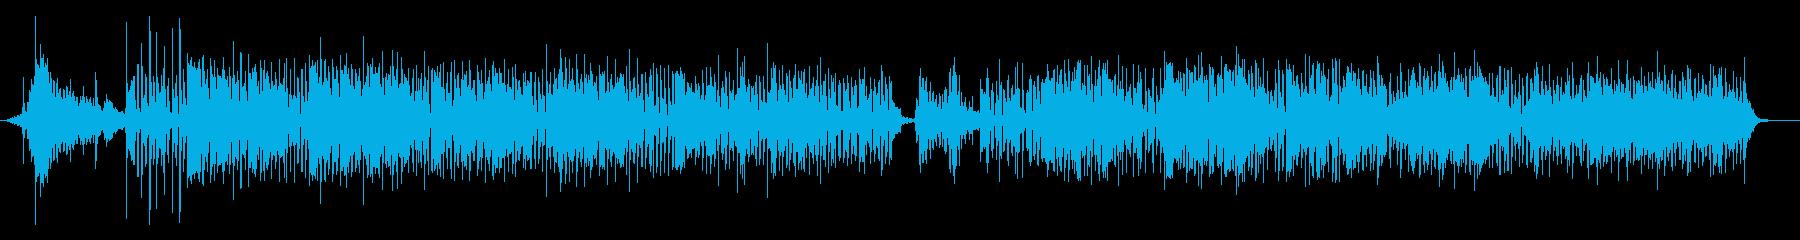 ハロウィン・ゴースト・グール・ゴブ...の再生済みの波形